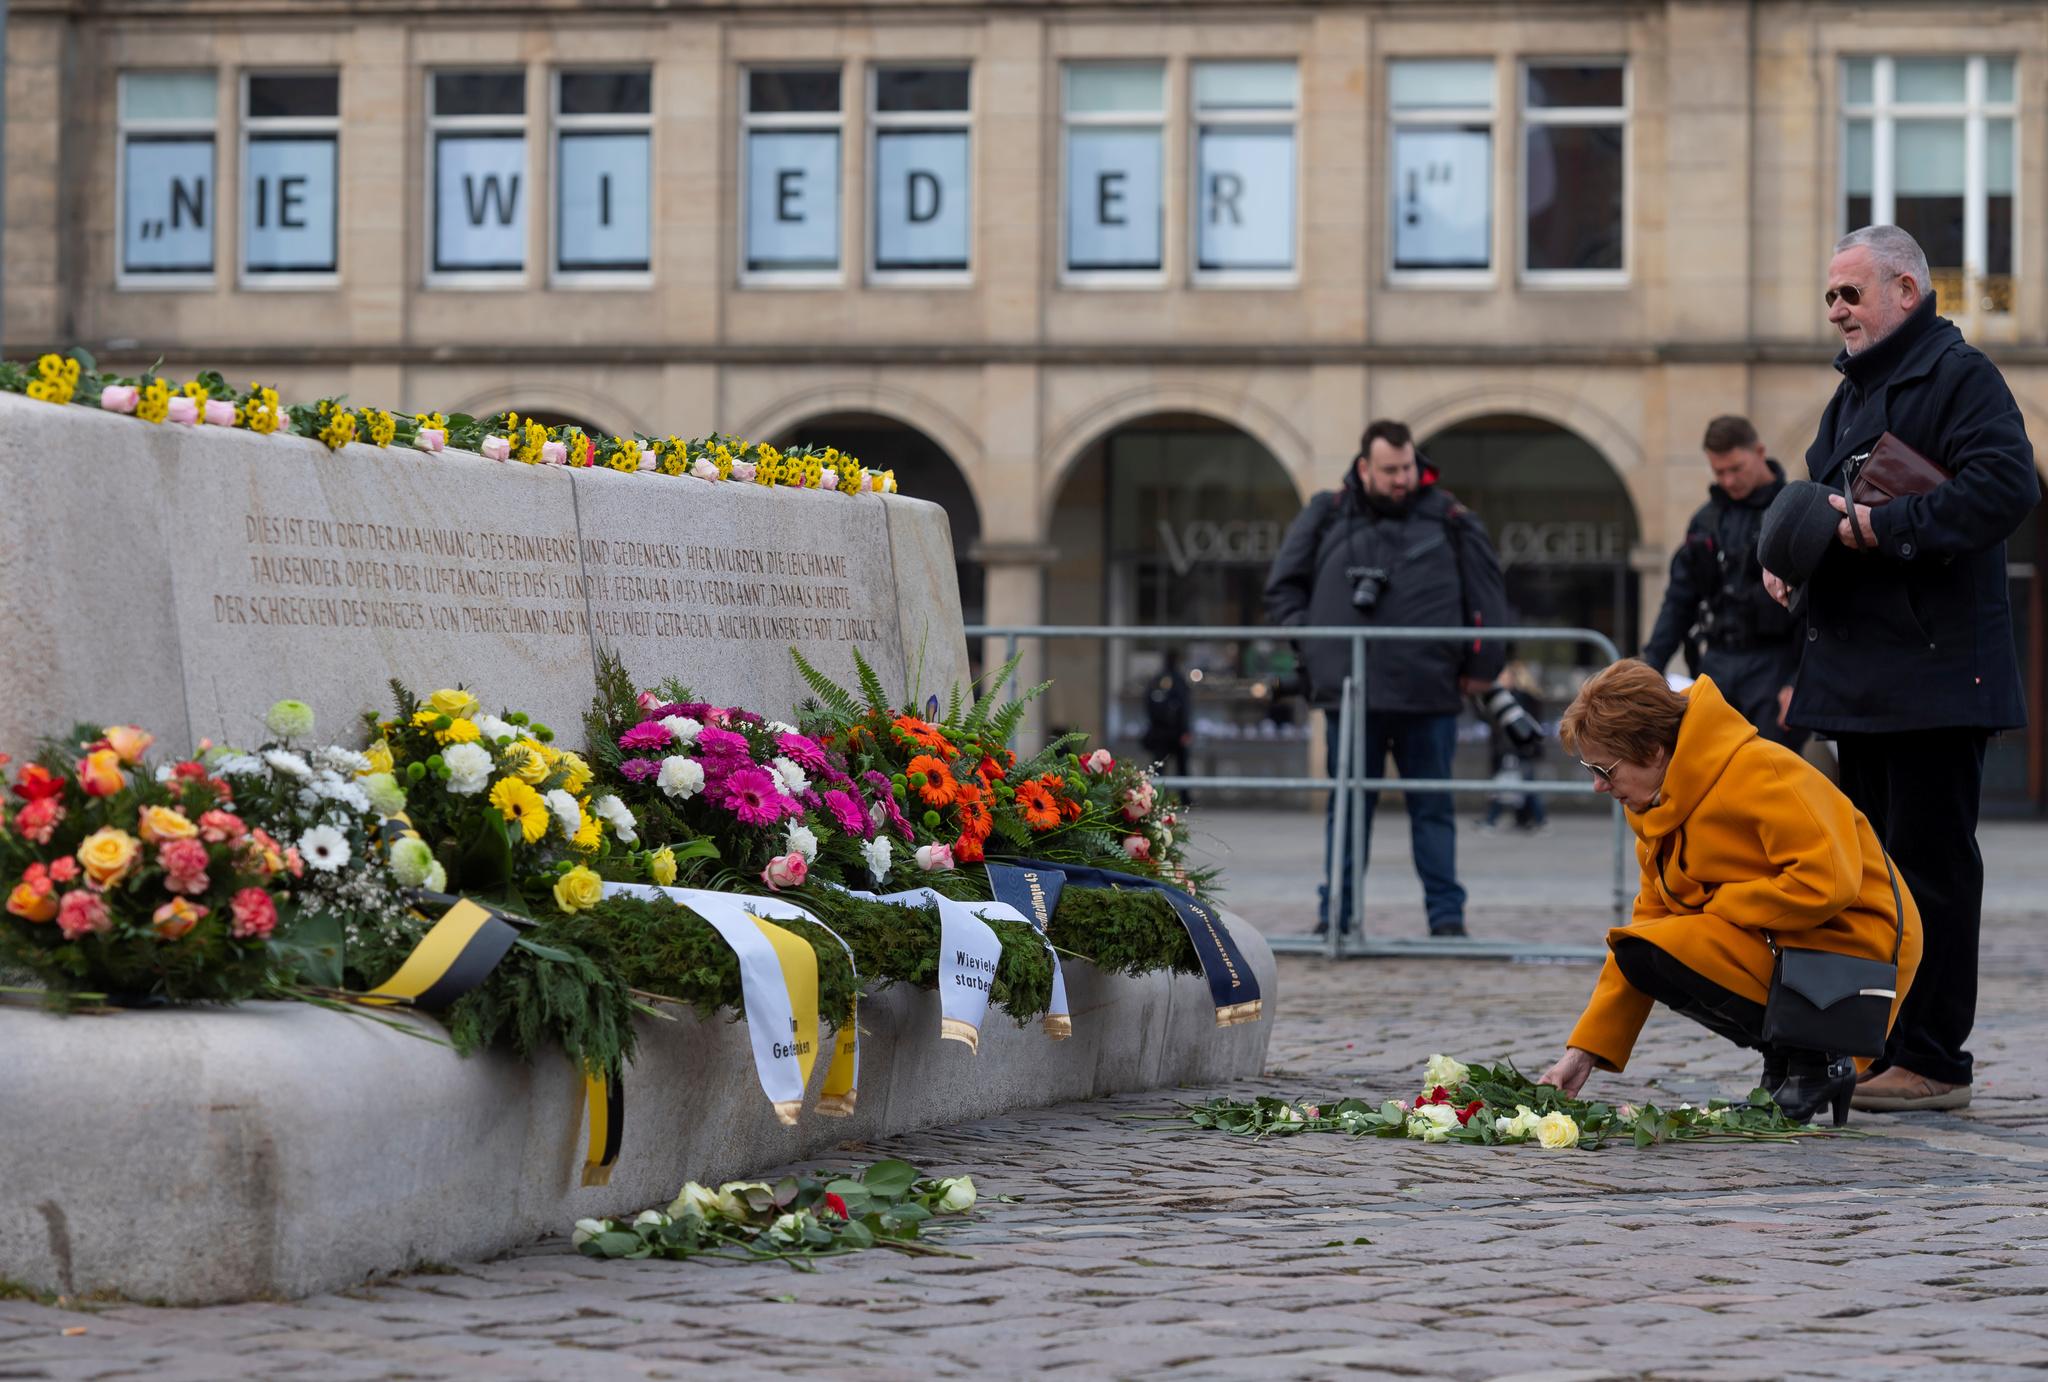 Una mujer deposita flores en el memorial por las víctimas del bombardeo.